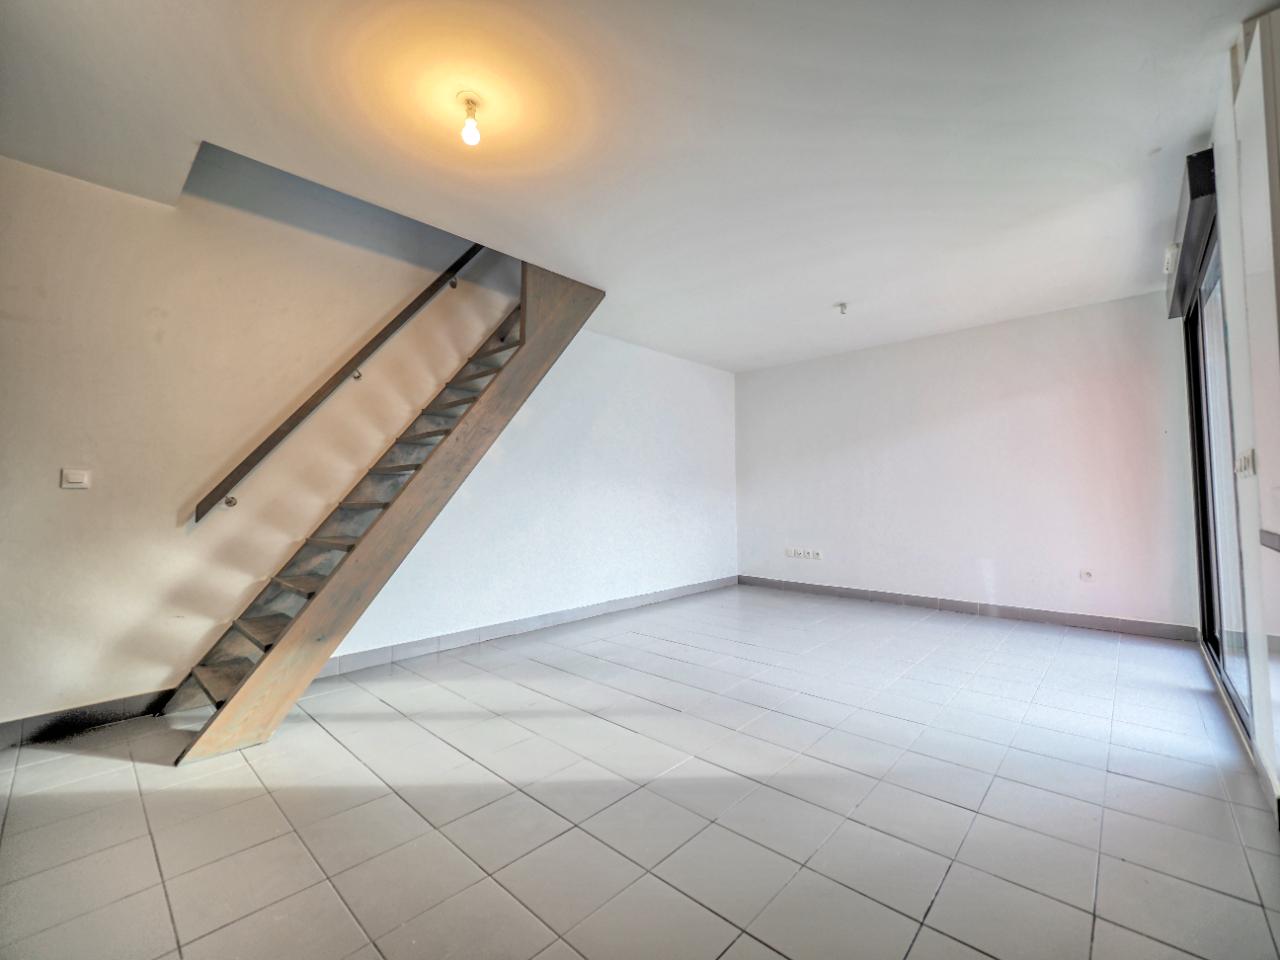 Vente appartement T3  à CIBOURE - 3